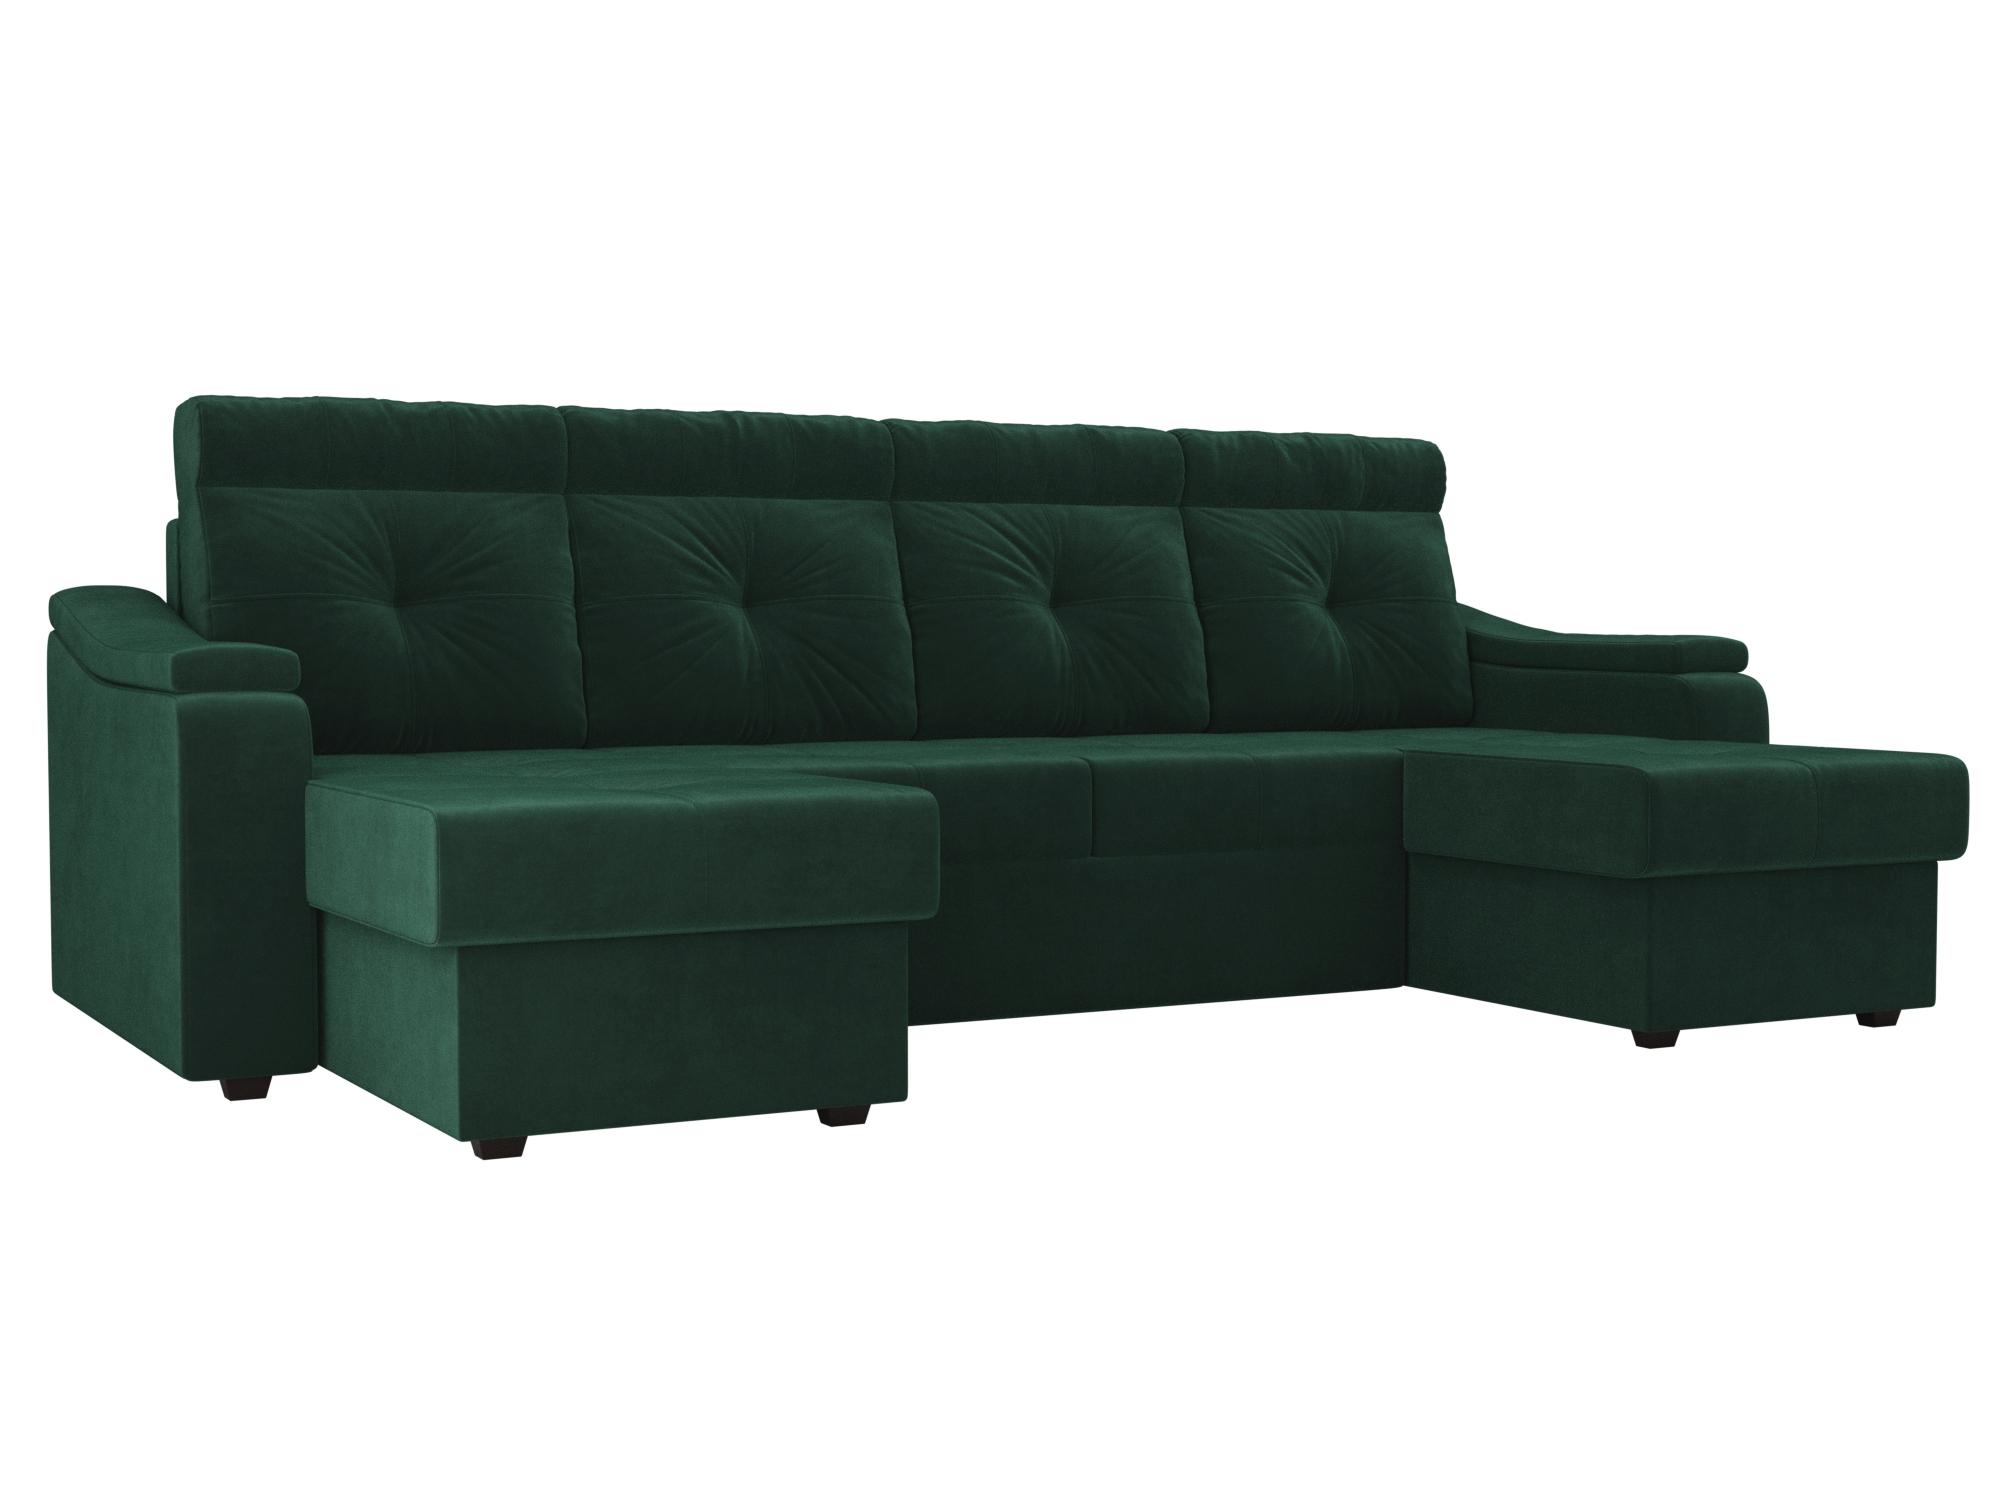 П-образный диван Джастин MebelVia Зеленый